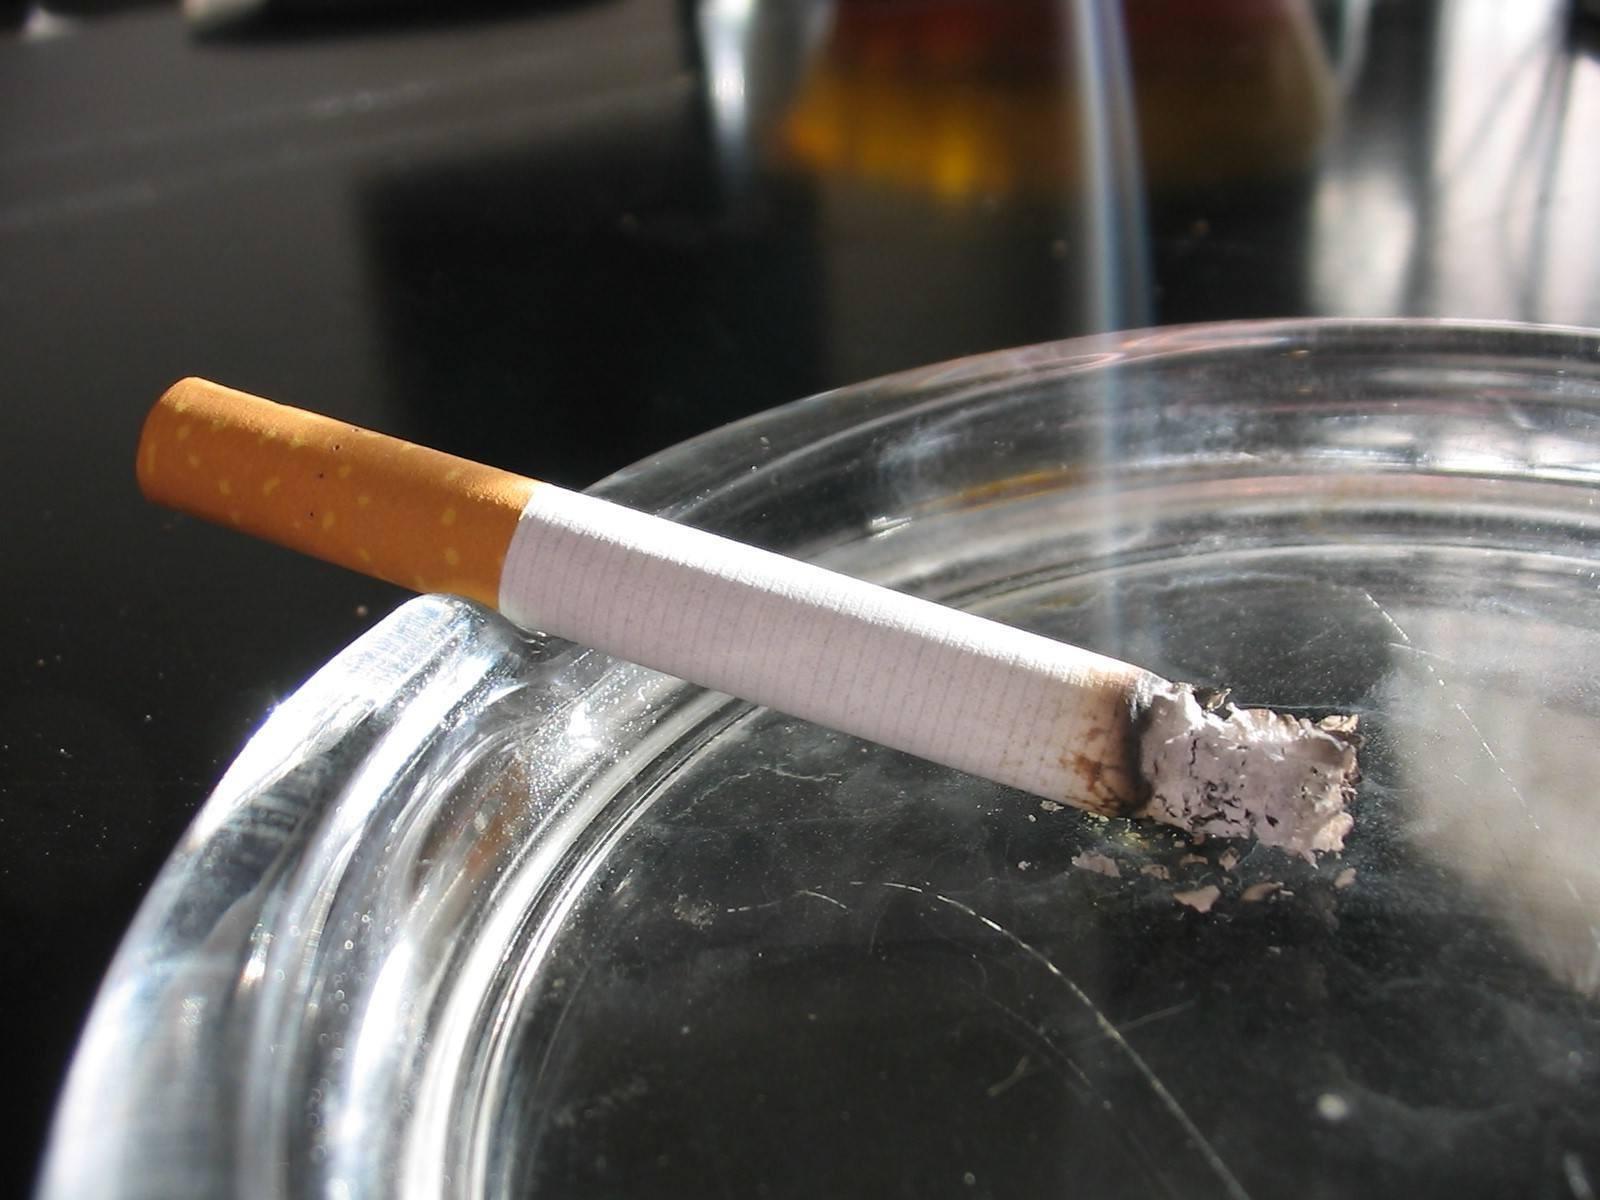 В Приднестровье пенсионер забыл потушить сигарету и подпалил соседей